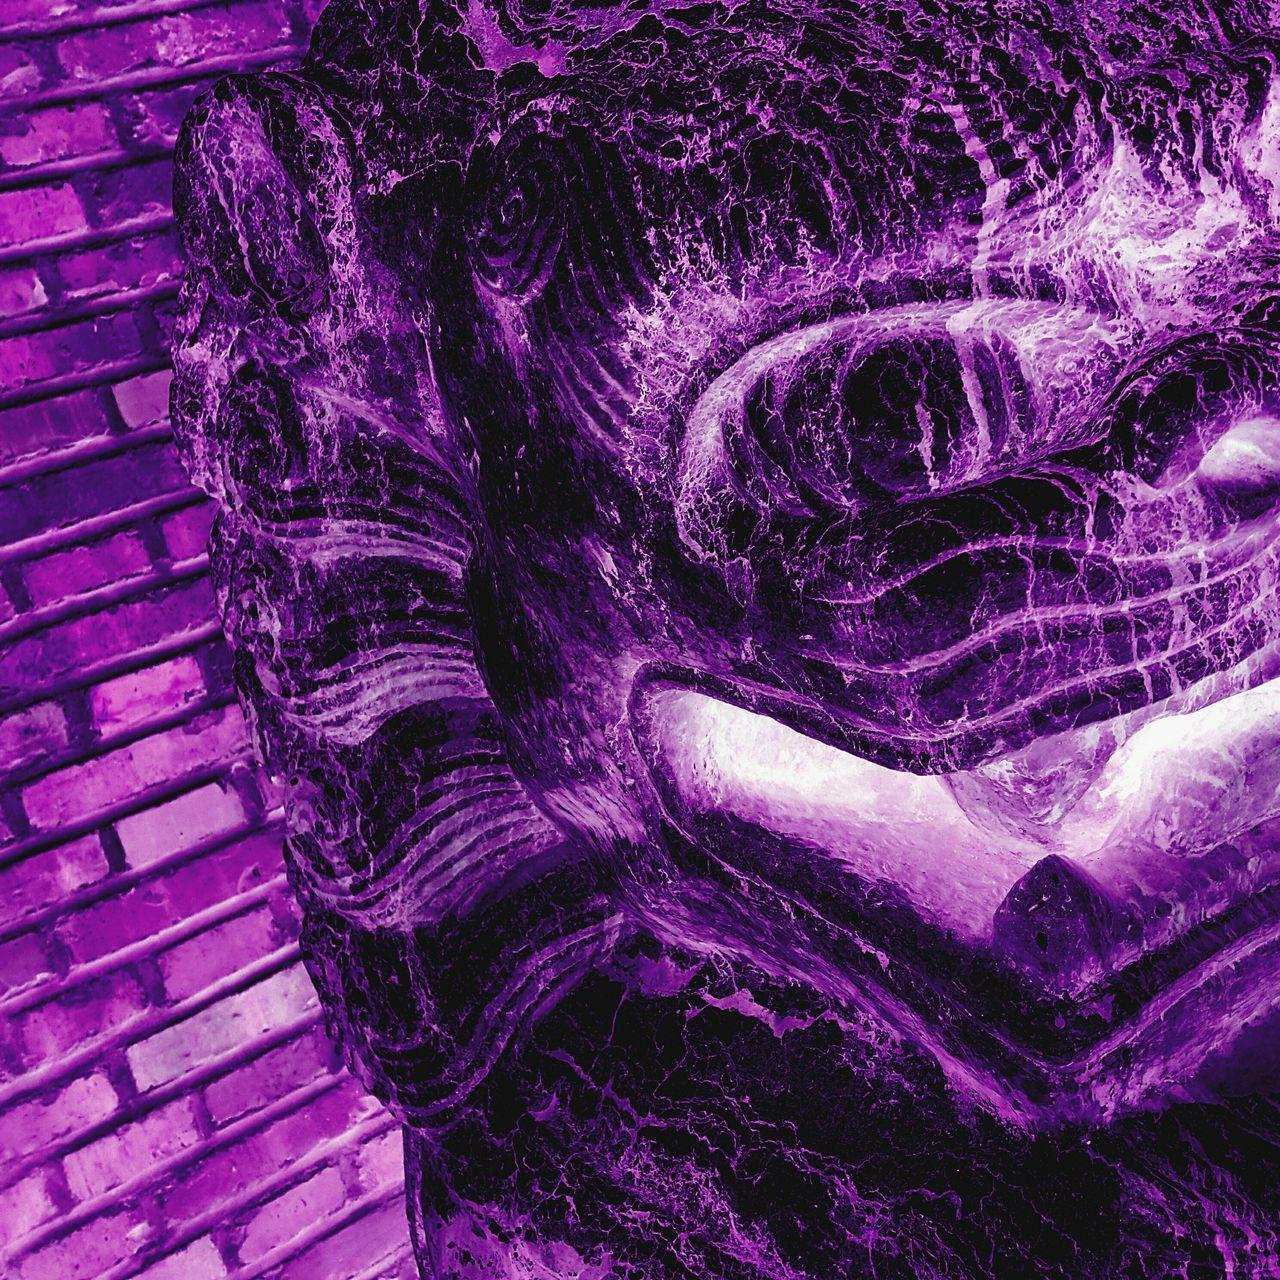 石狮子苏州 富士 Hanging Out Getting Inspired Eye4photography  EyeEm Best Shots Colors Color Explosion Relaxing Taking Photos Hello World China Enjoying Life